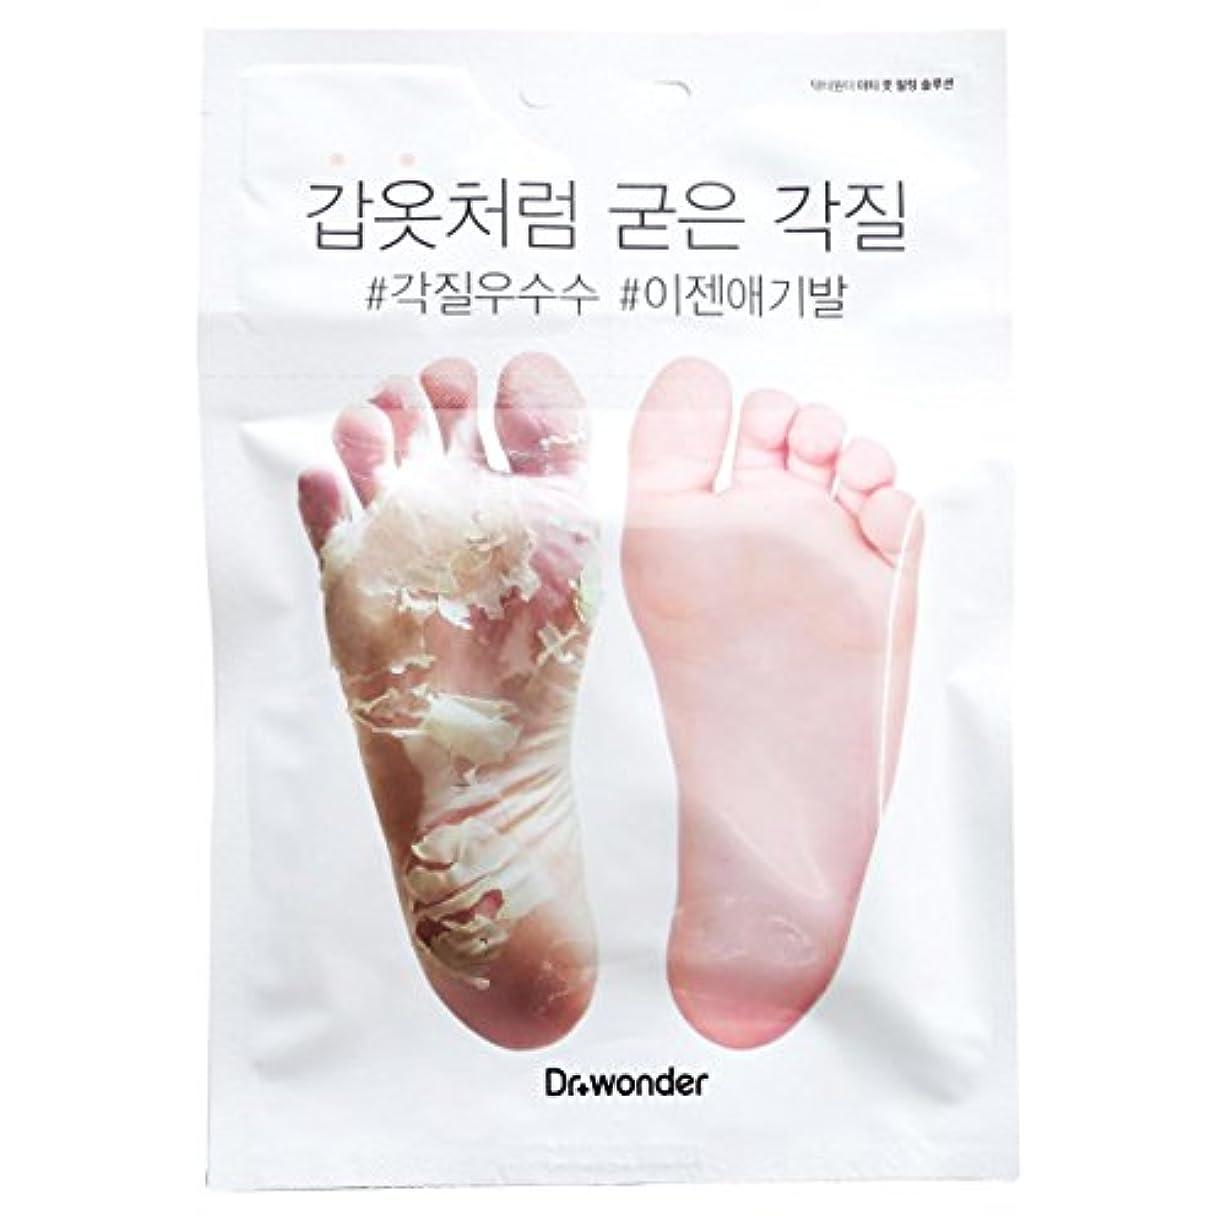 こどもの宮殿かるスパイ[ドクターワンダー/ Dr+ wonder] Good Bye, Dirty Foot! Doctor Wonder Crocodile Foot Mask Pack / ドクターワンダーワニバルペク/鎧のような硬い角質...